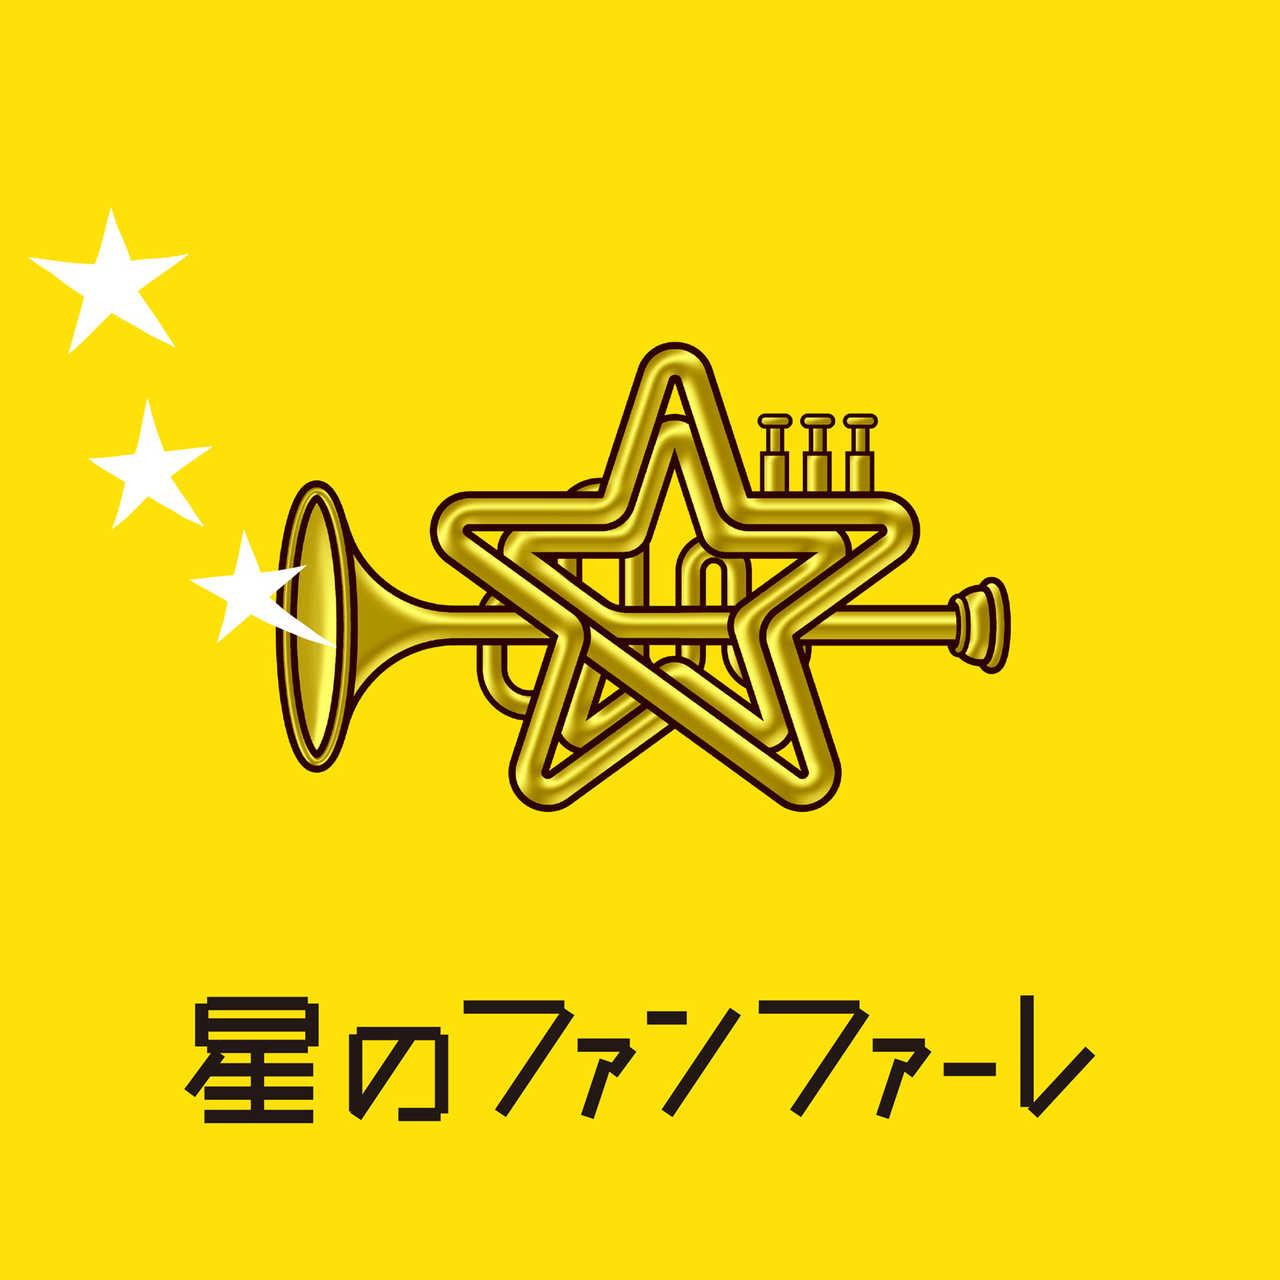 配信楽曲「星のファンファーレ」